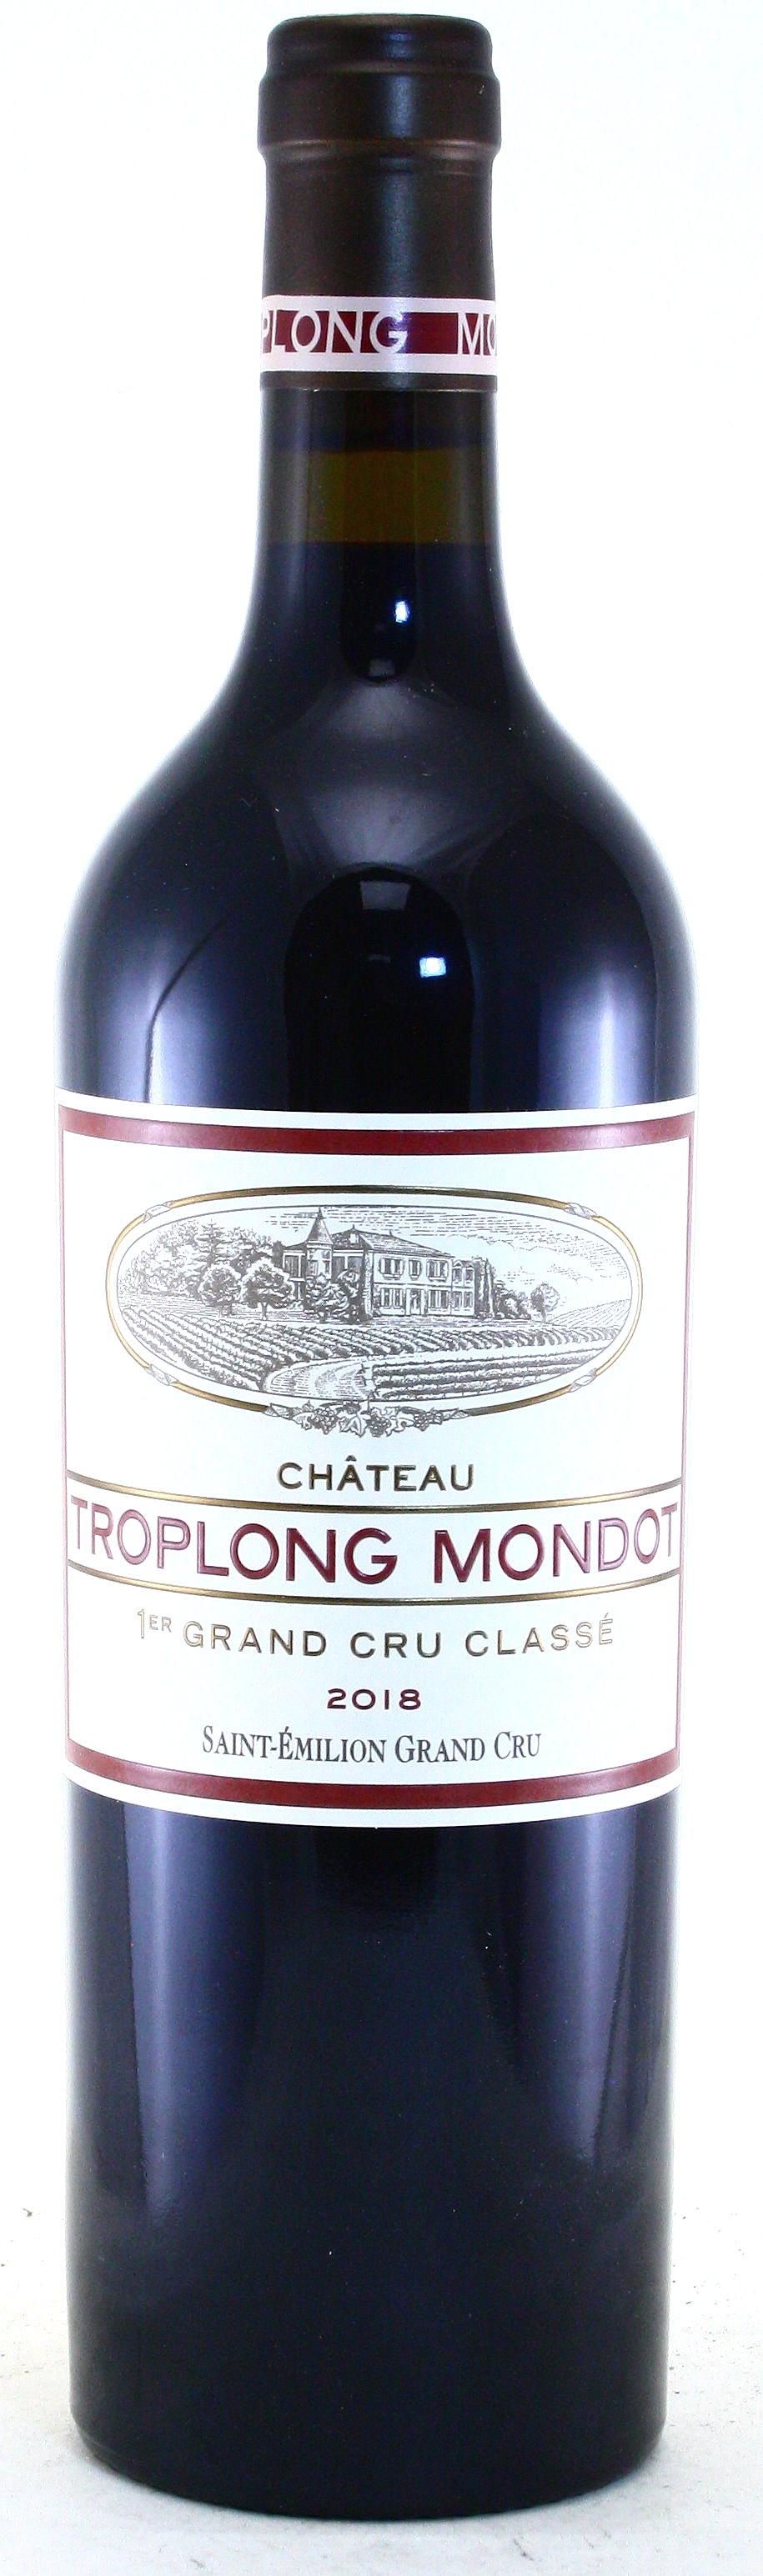 2018 Château Troplong-Mondot, Bordeaux, Saint Émilion